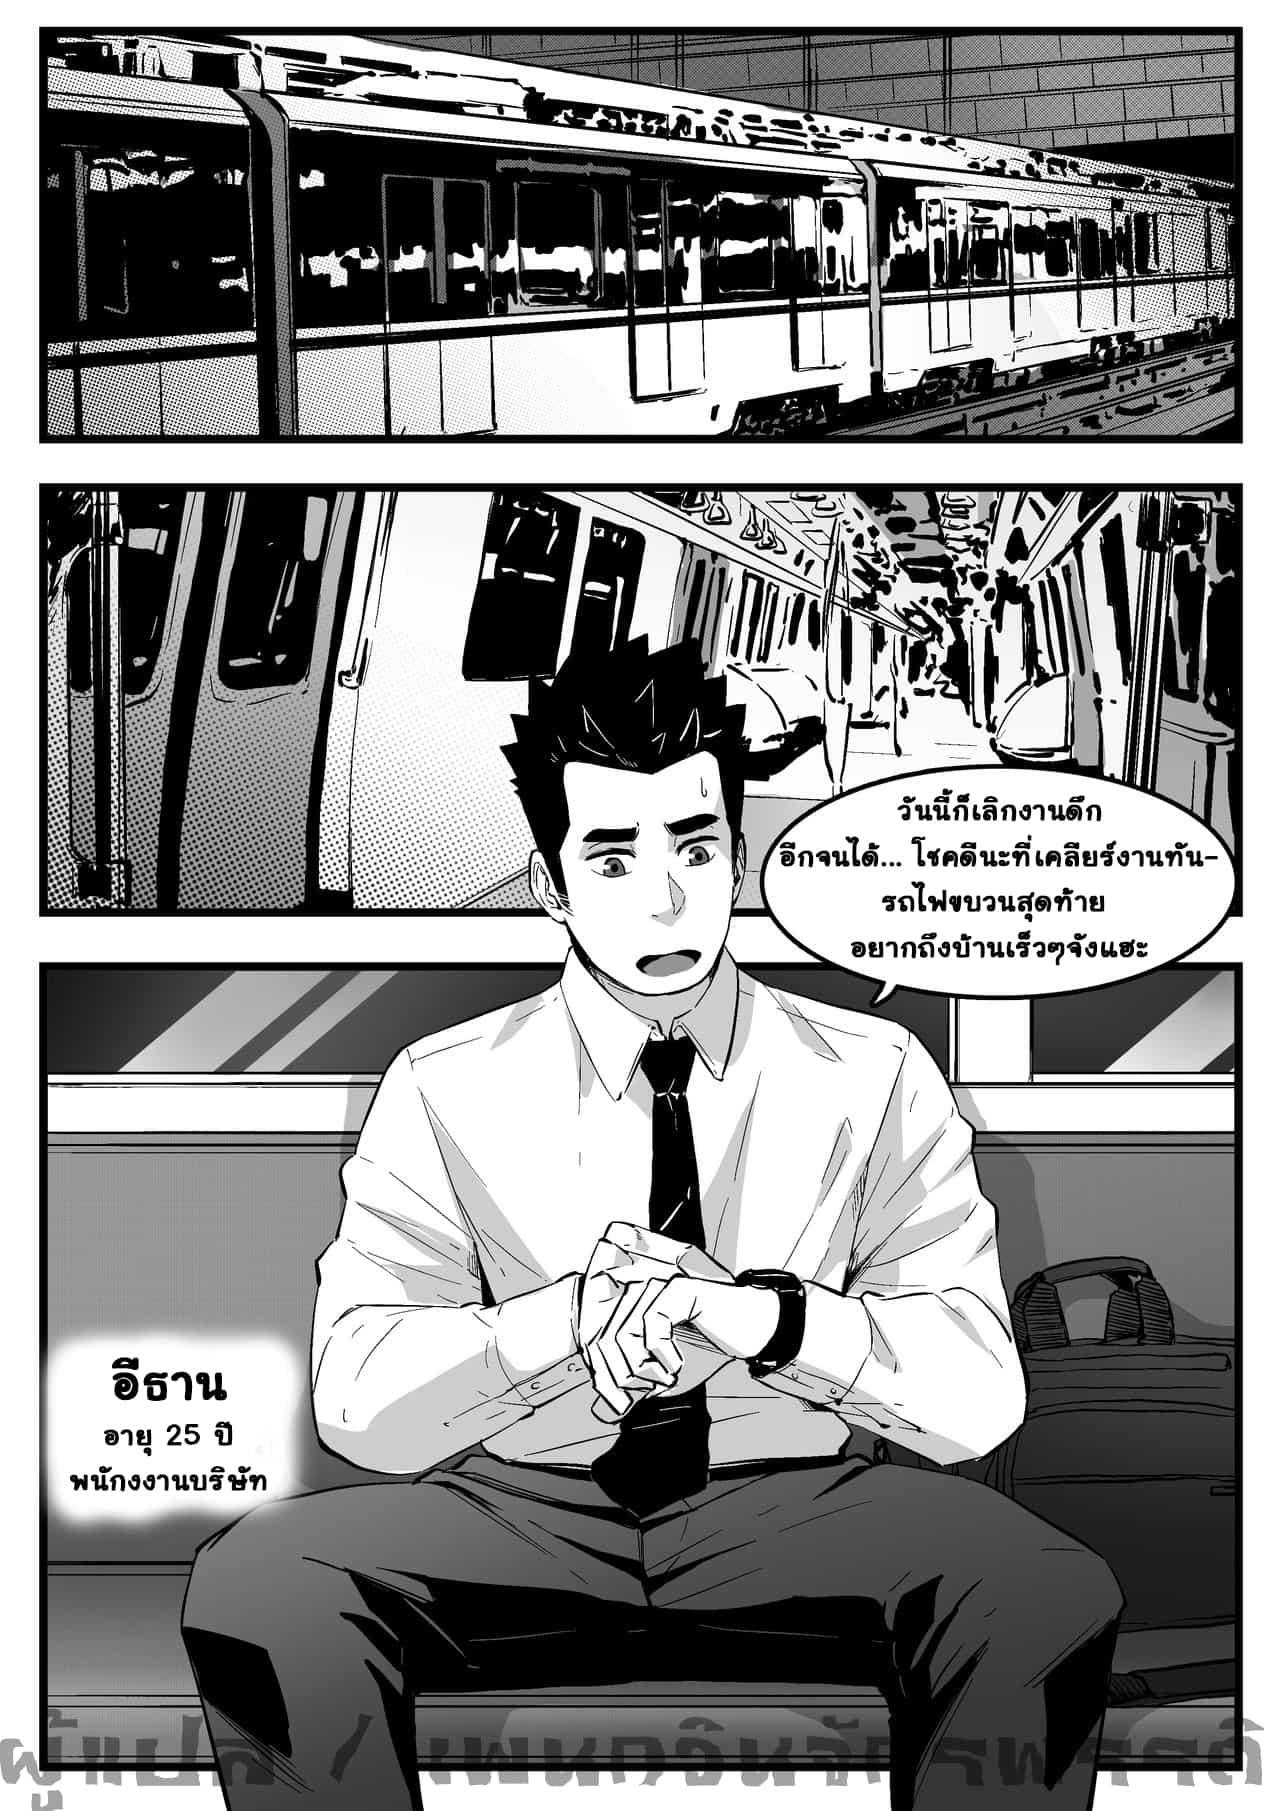 โดนเล่นกลางรถไฟ